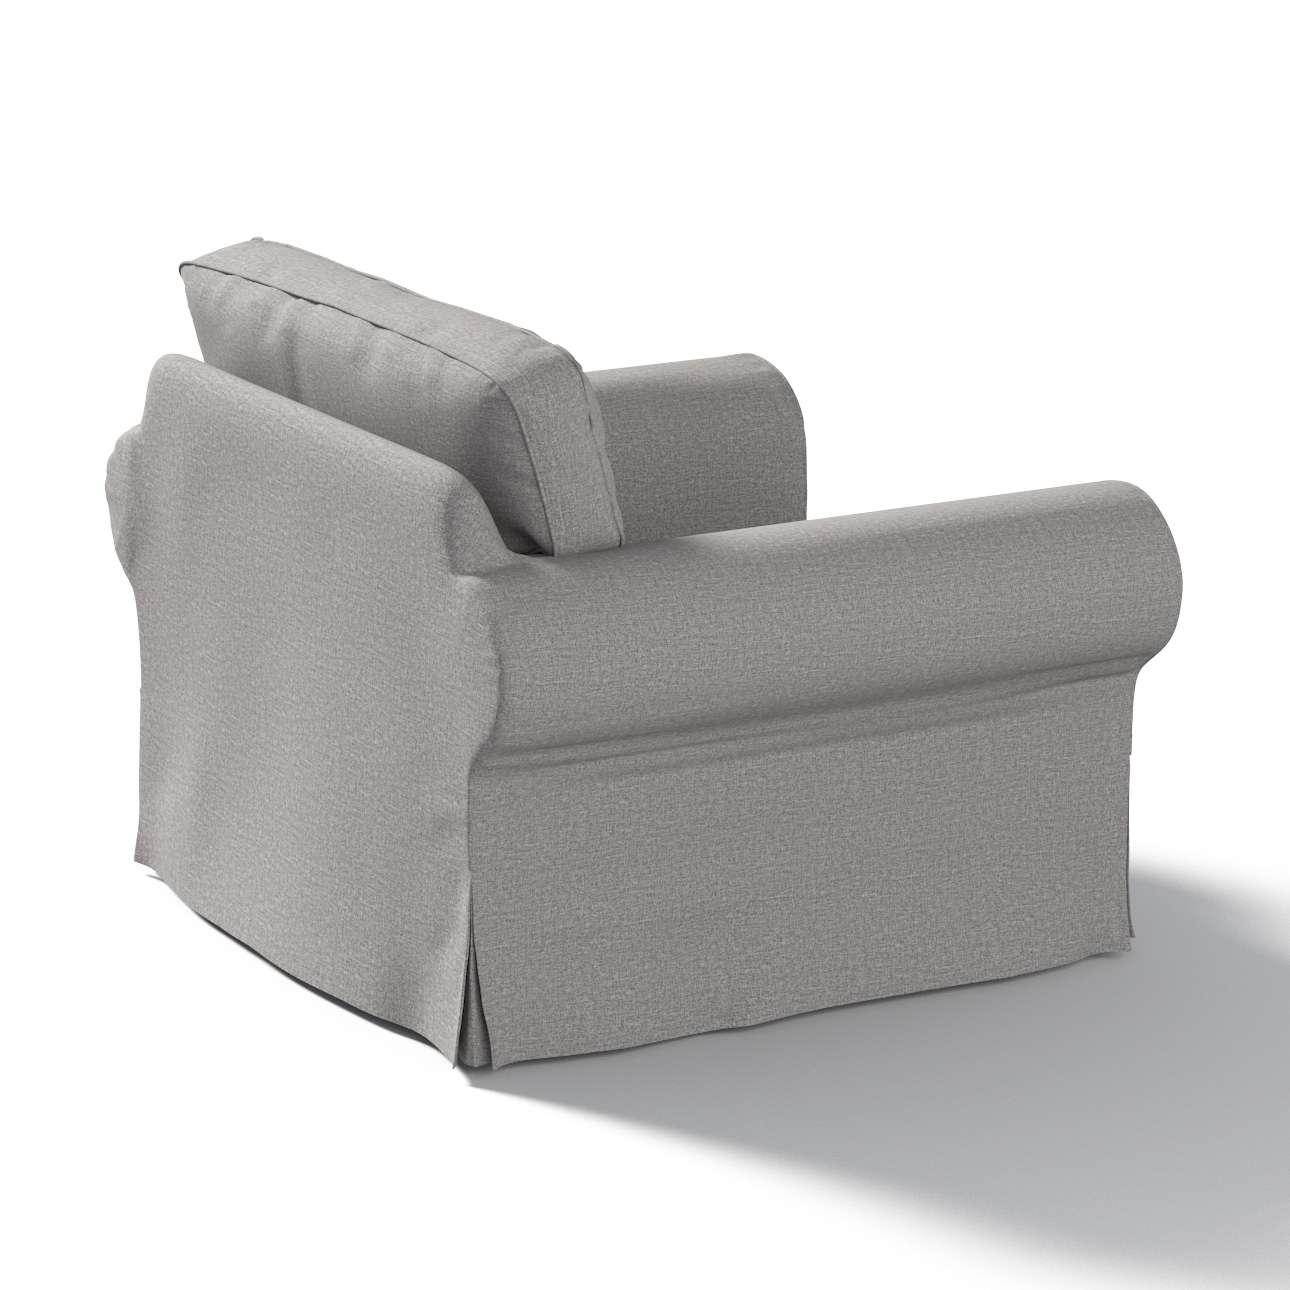 EKTORP fotelio užvalkalas Ektorp fotelio užvalkalas kolekcijoje Edinburgh , audinys: 115-81